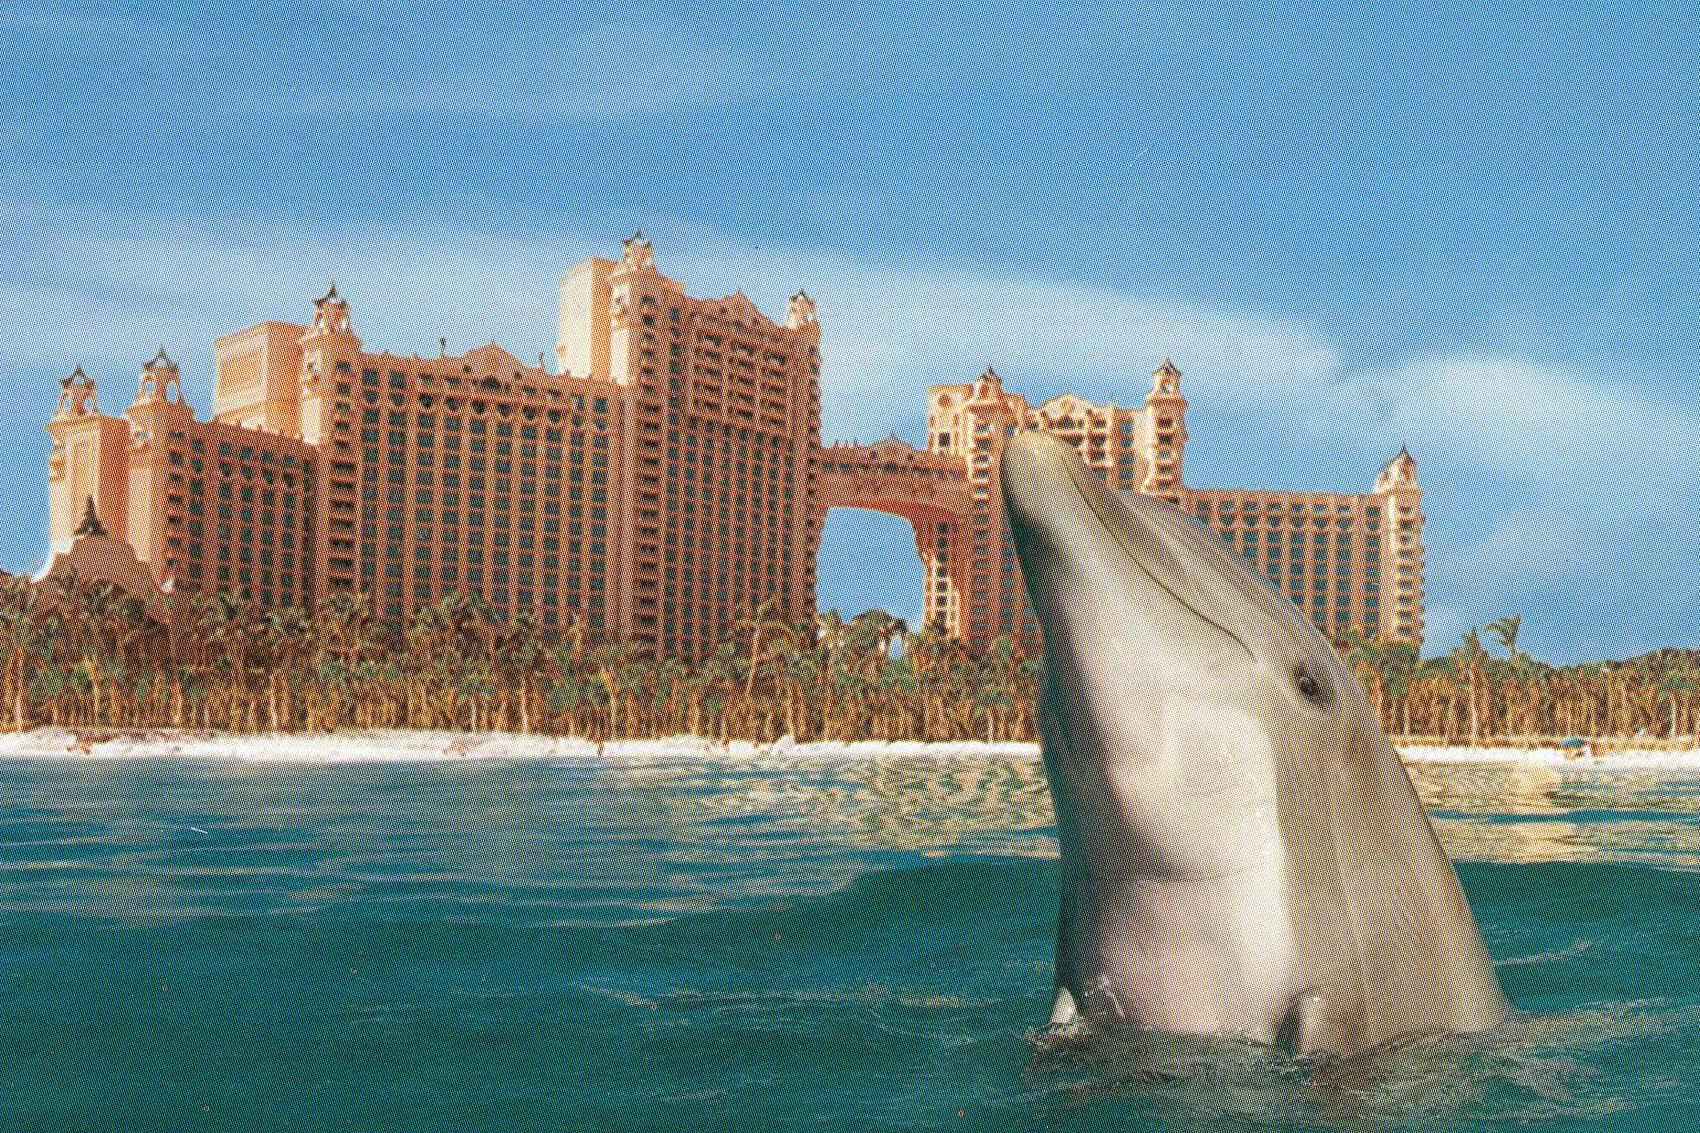 Hotel Atlantis Bahamas Dolphin Cay